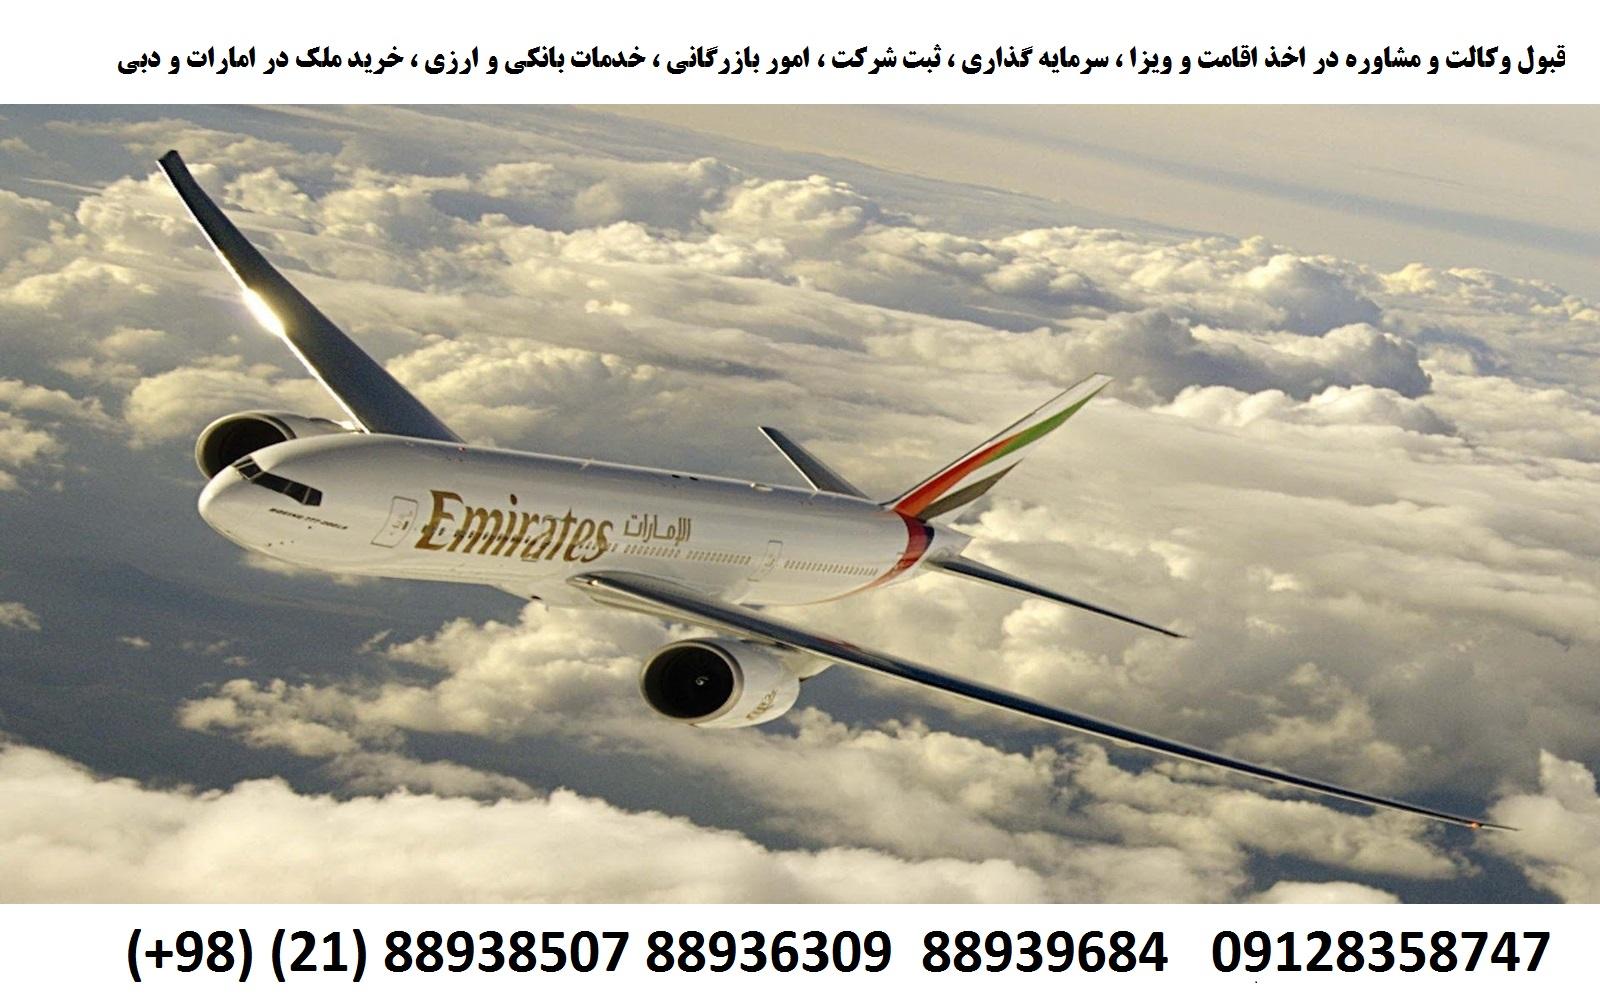 اقامت ، ثبت شرکت ، سرمایه گذاری ، خرید ملک در دبی (7)